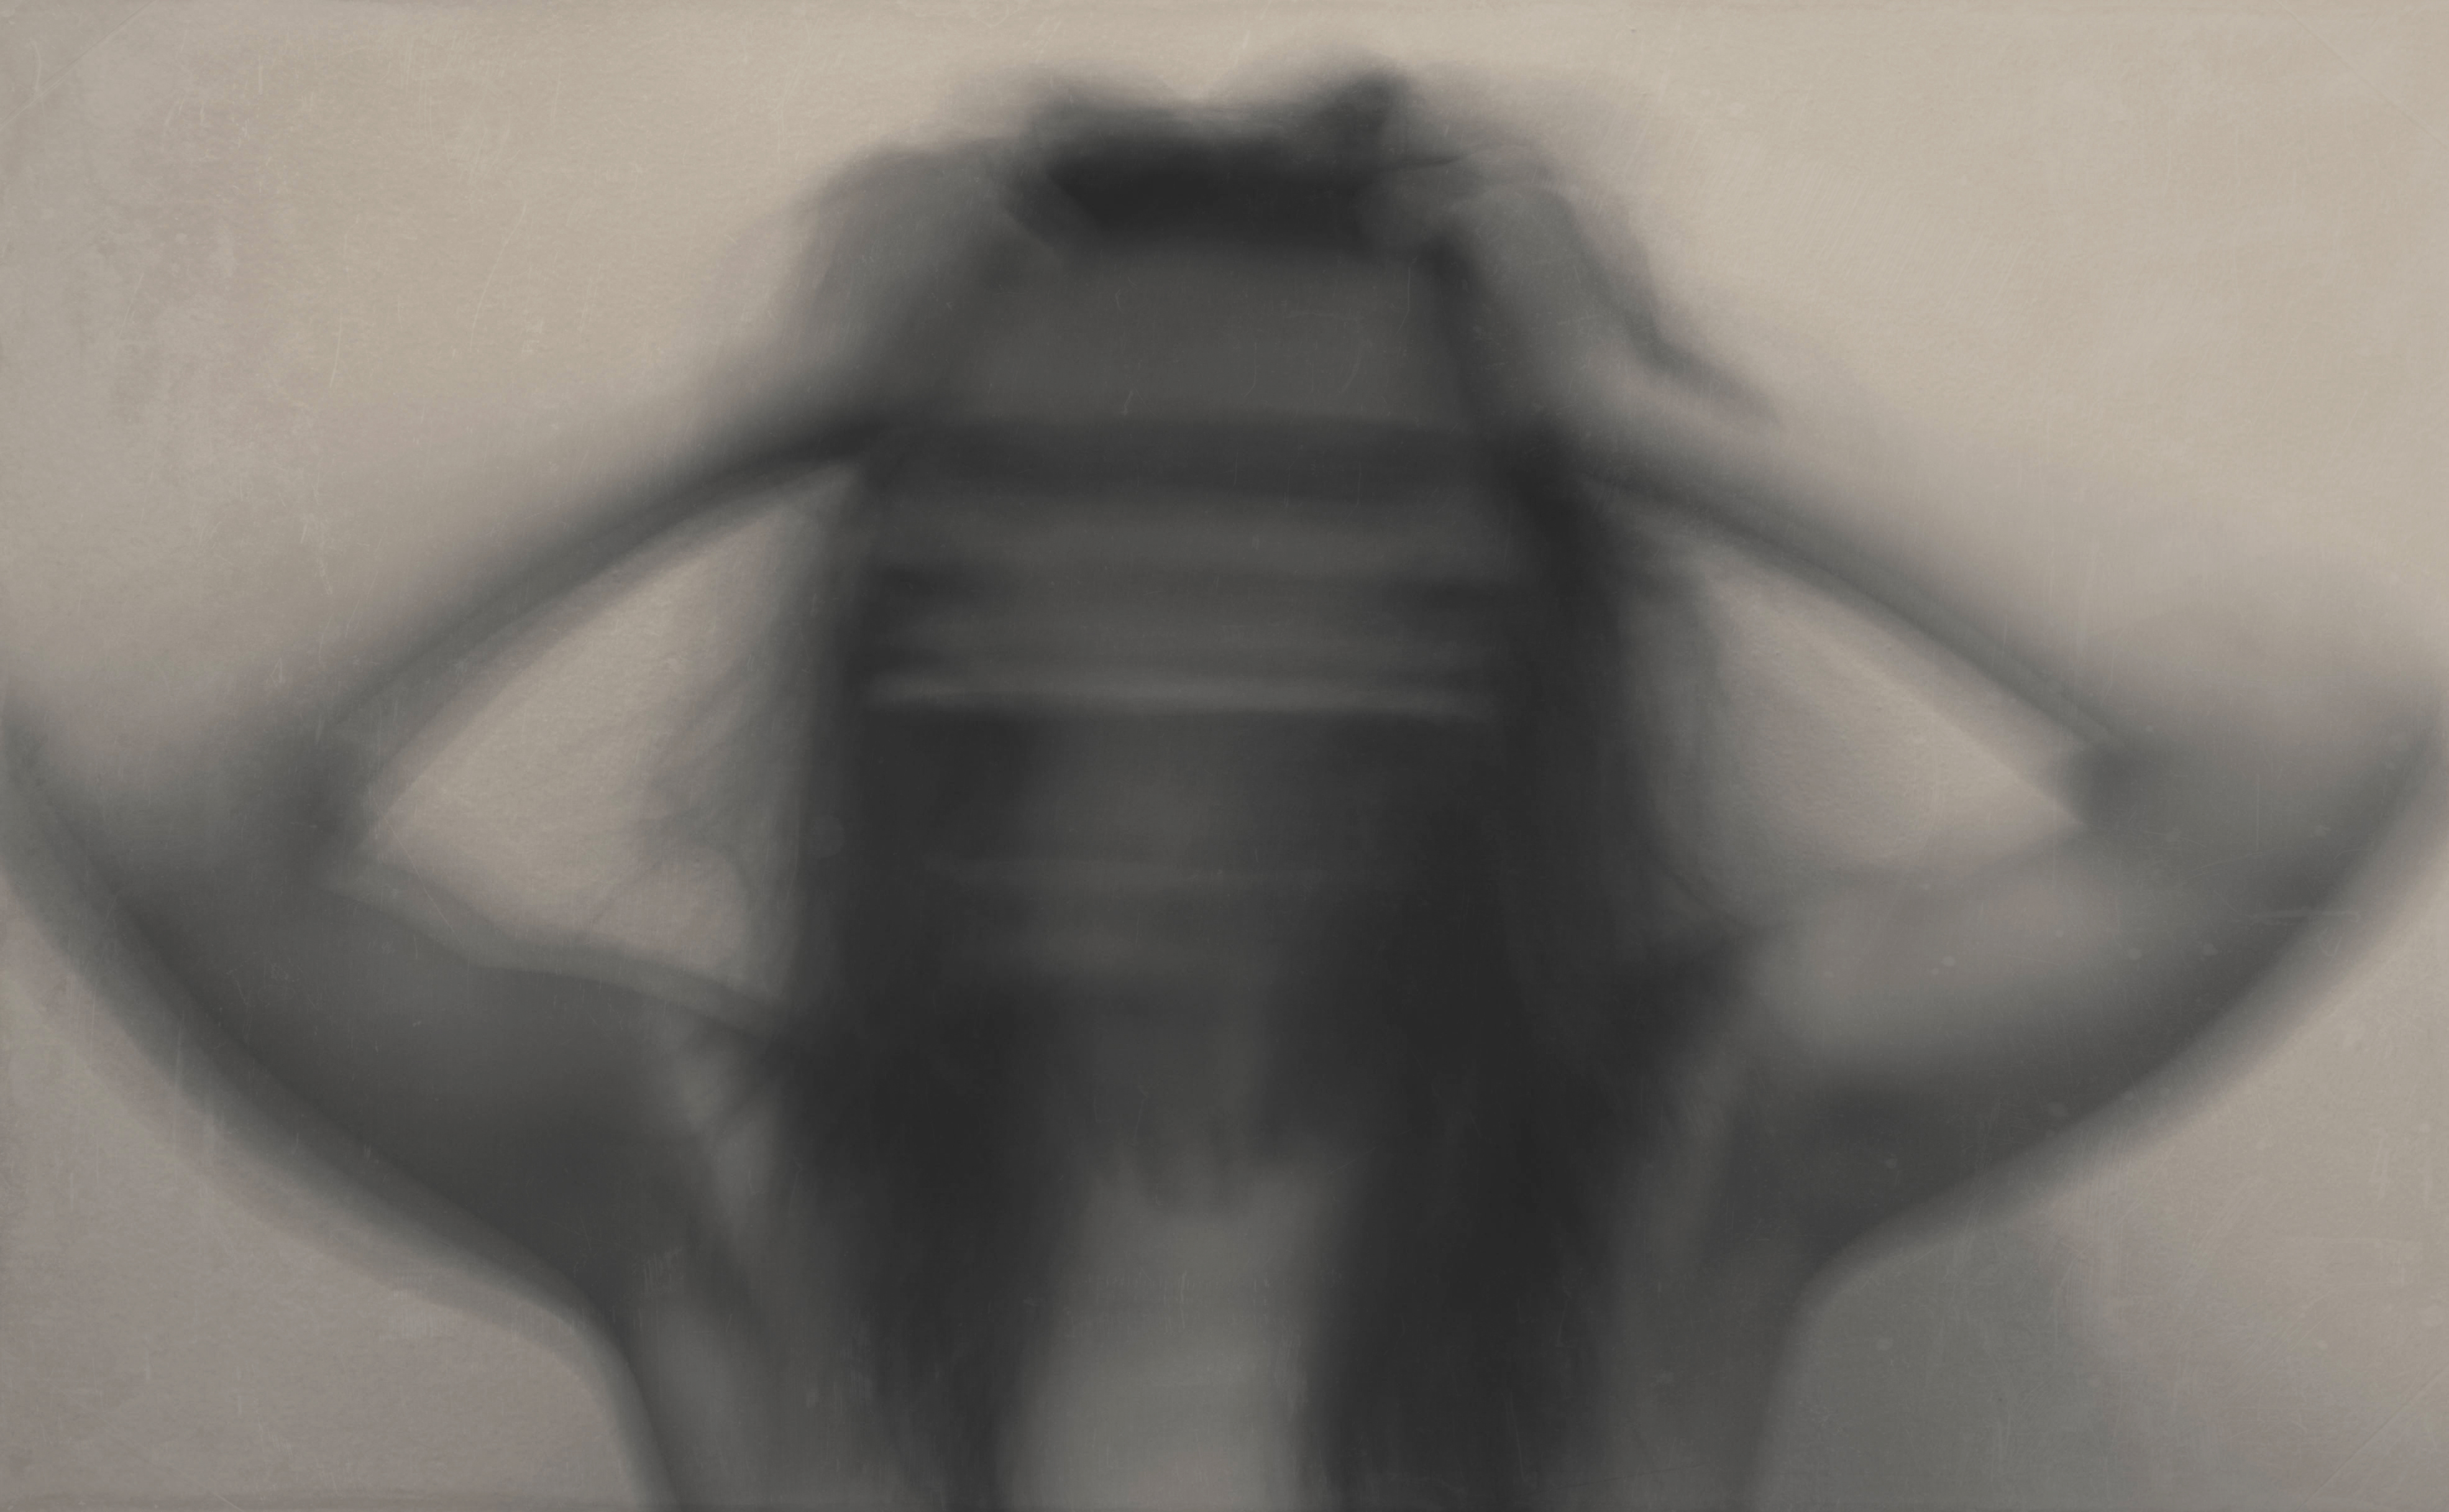 Udsat for Psykisk vold? En psykolog kan hjælpe dig